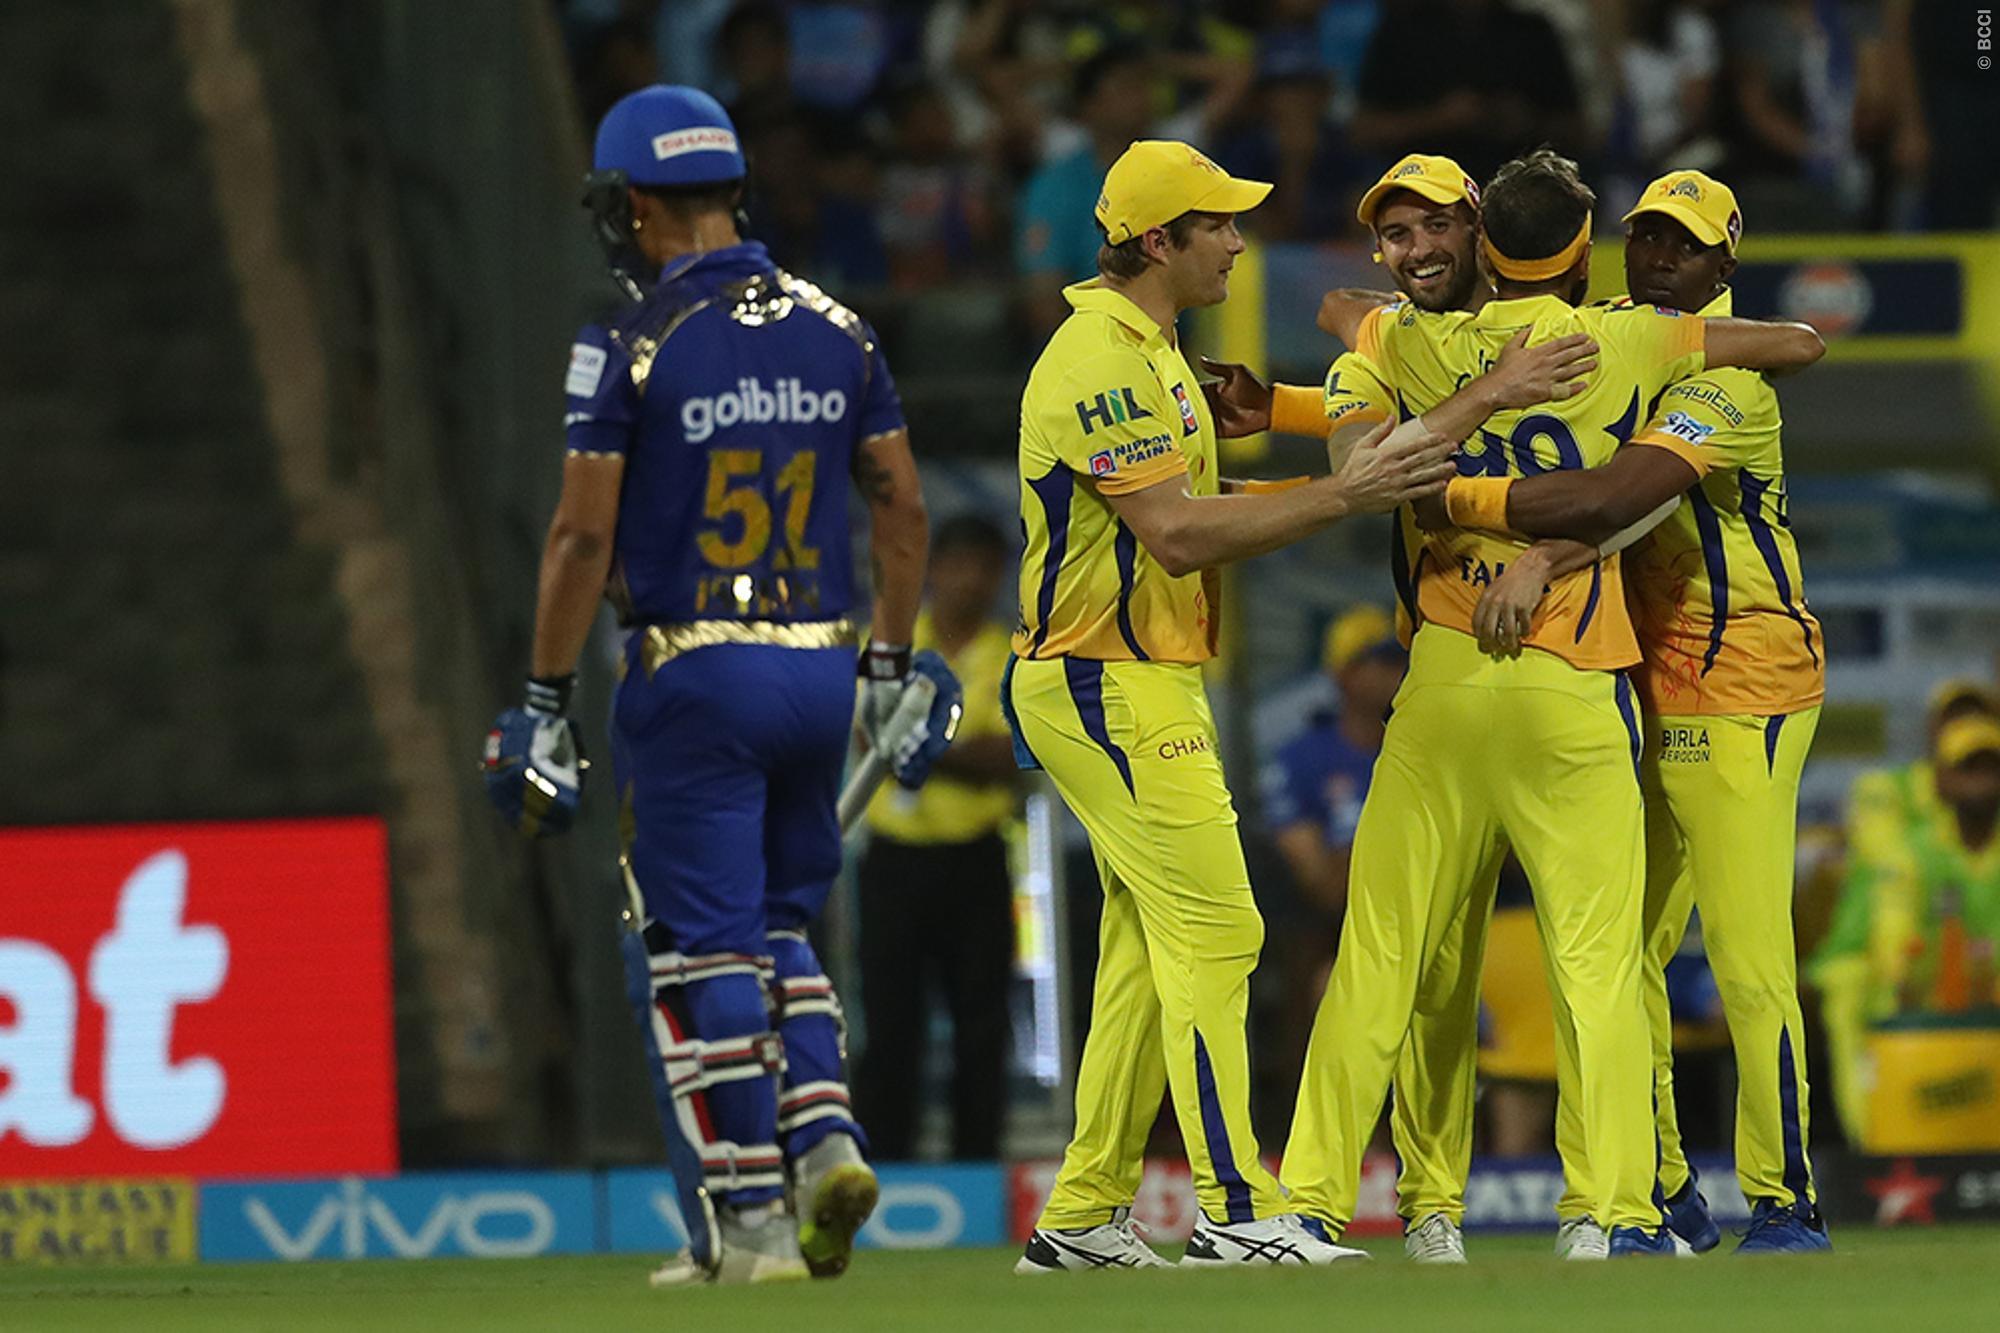 MIvCSK: आखिरकार वजह आया सामने इस कारण मुंबई इंडियंस ने 19 वें ओवर में दिया चेन्नई सुपर किंग्स को जीतने का मौका 15